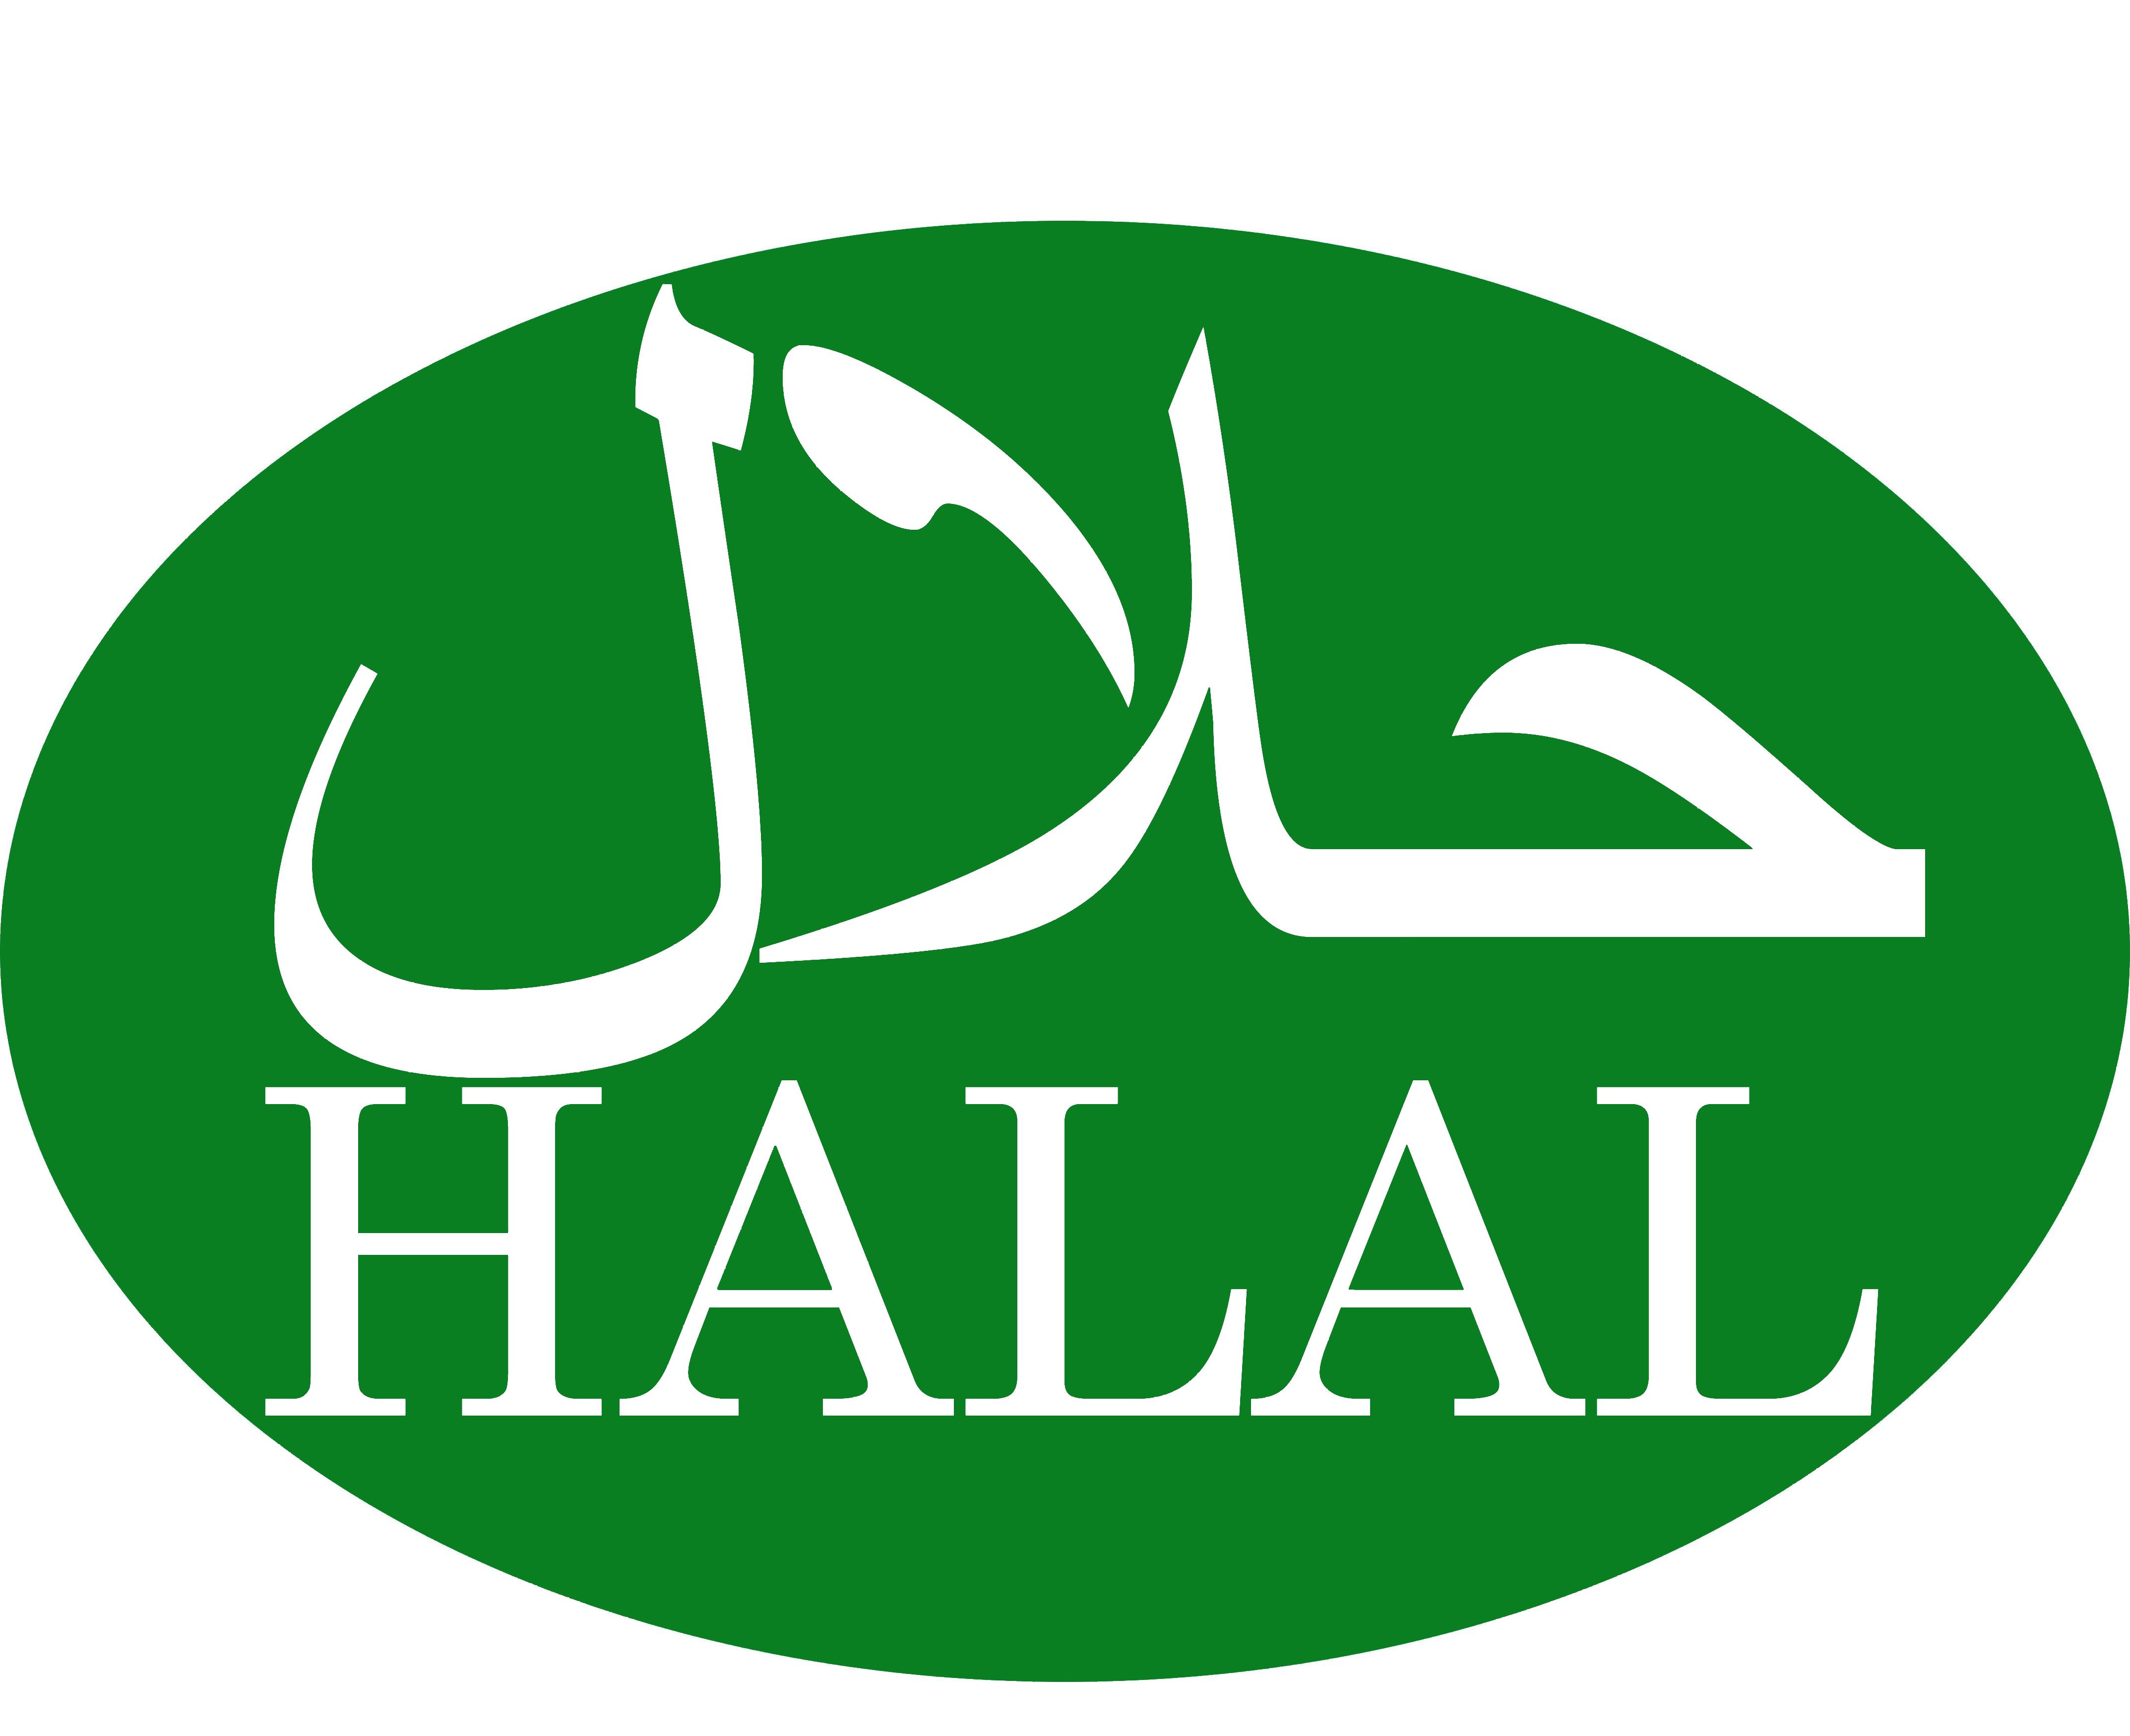 Chứng nhận Halal & thị trường tiêu dùng Hồi giáo chưa được khai thác